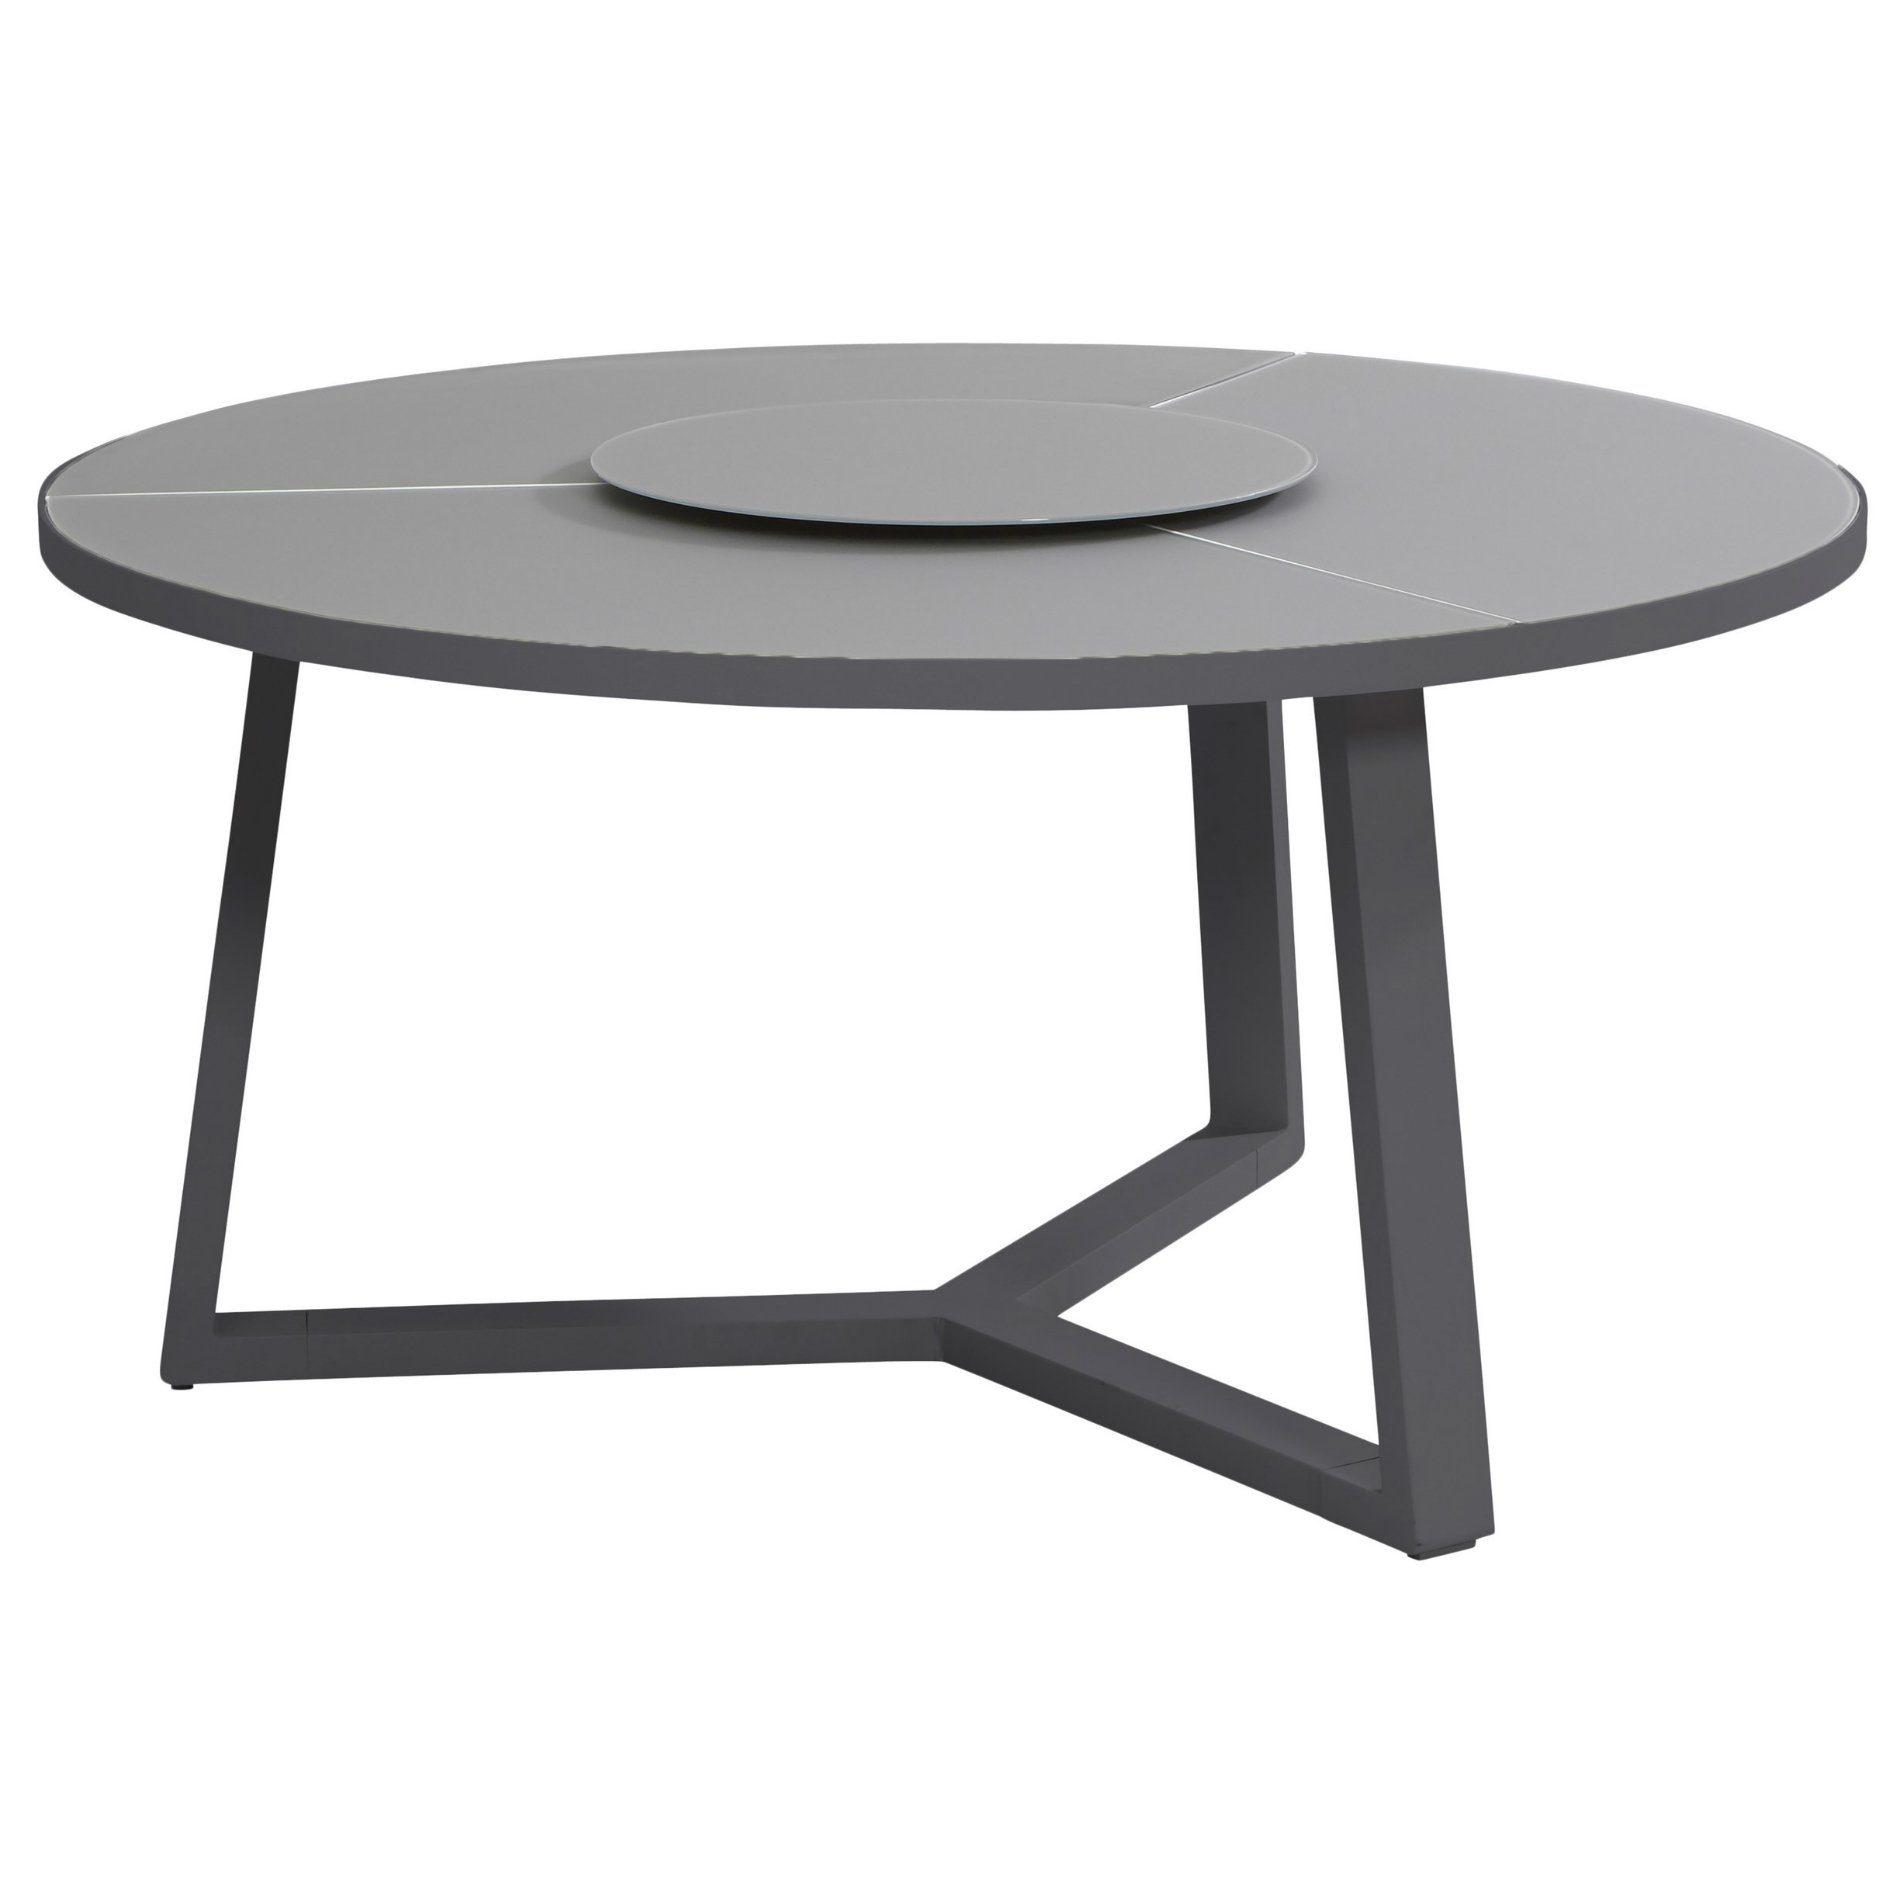 gartentisch rund glas awesome siena garden tisch stella. Black Bedroom Furniture Sets. Home Design Ideas